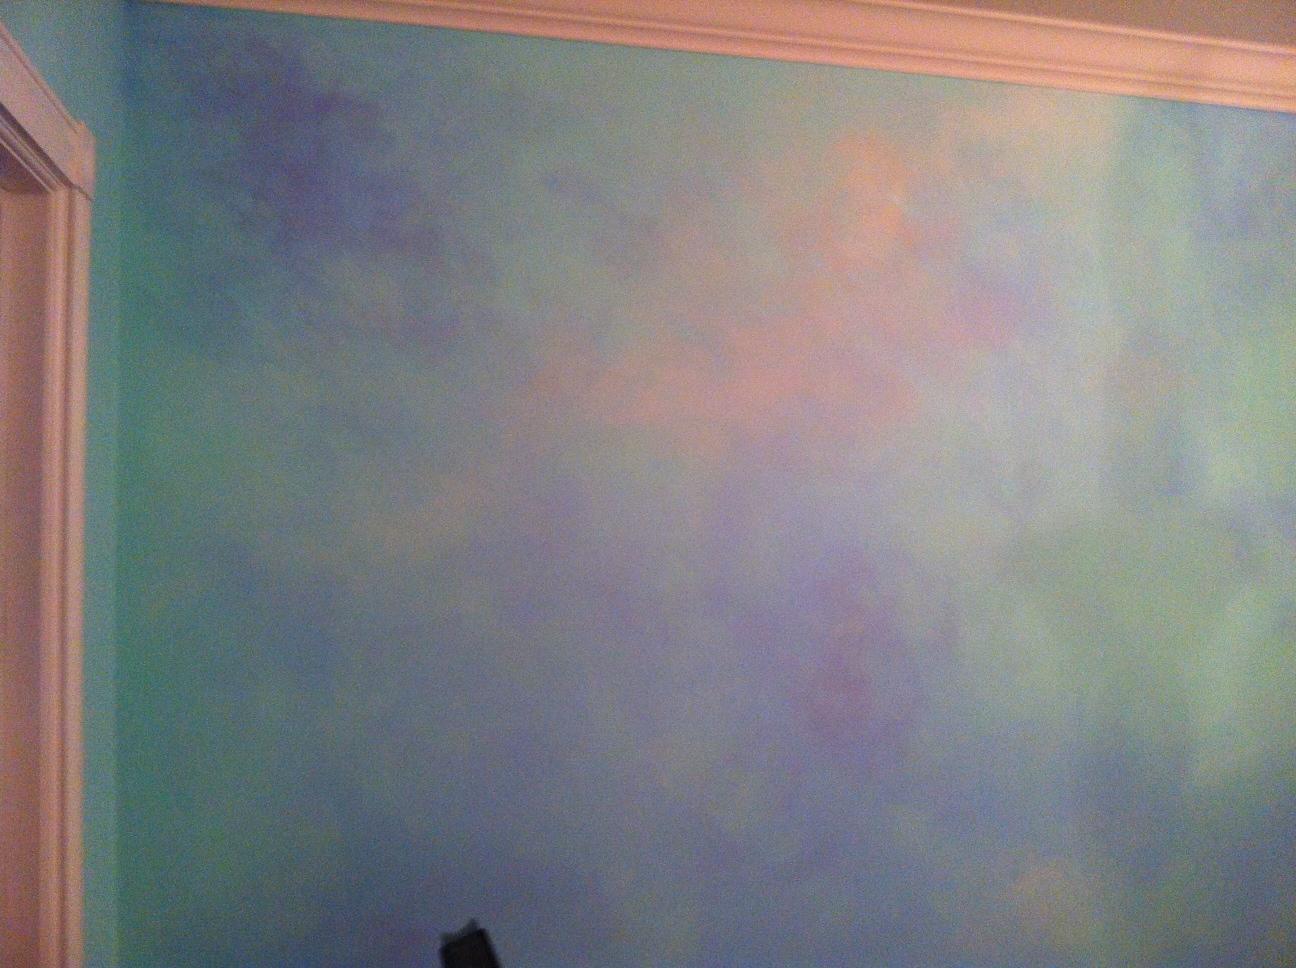 wall mural teen bedroom 2